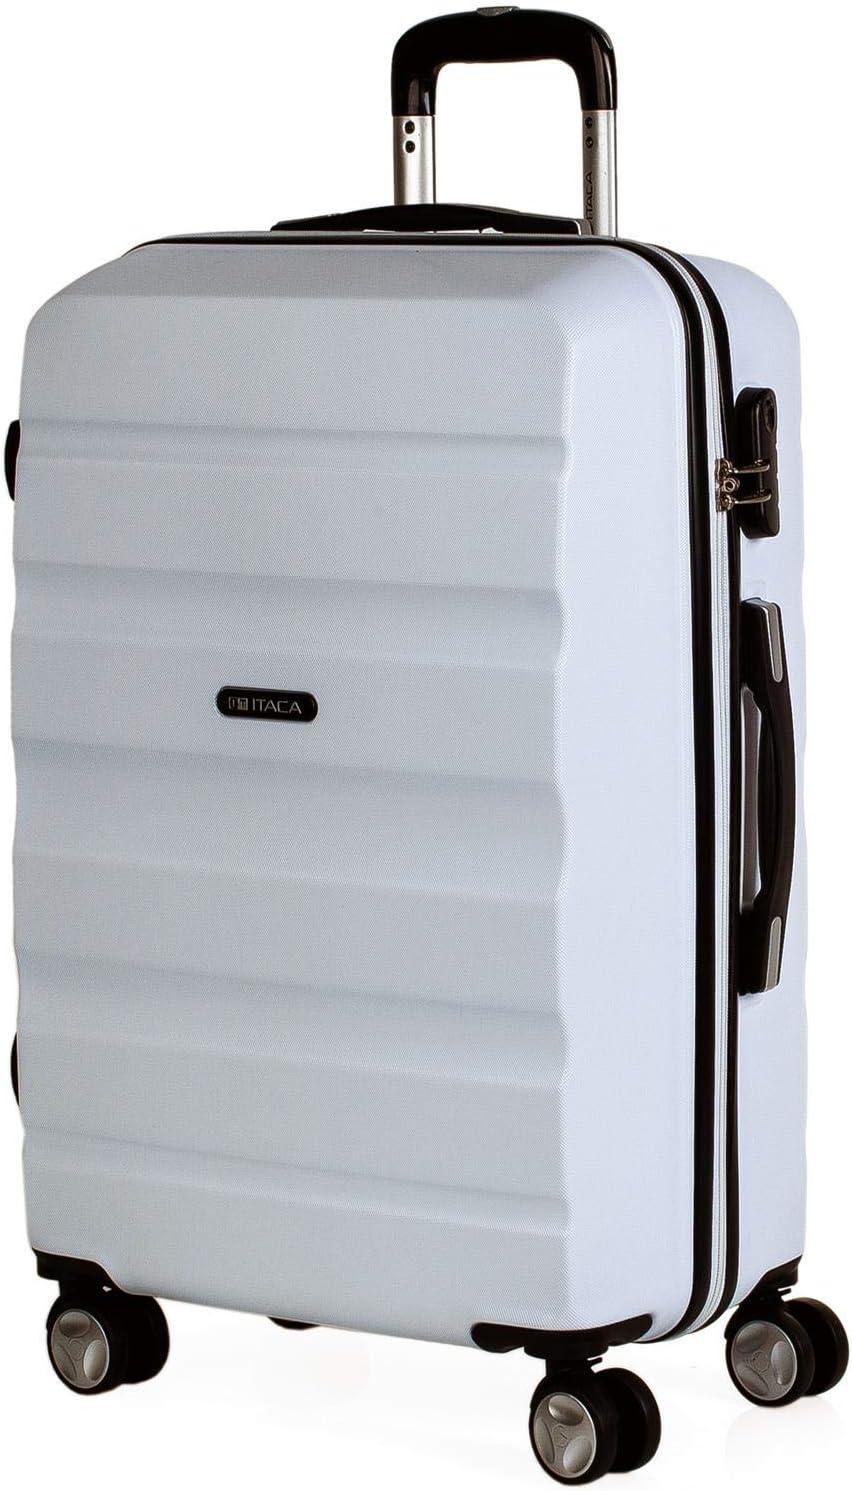 ITACA - Maleta de Viaje Rígida 4 Ruedas Trolley 67 cm Mediana de ABS Lisa. Dura Resistente y Ligera. Candado Bonito Diseño. Estudiante y Profesional. T71660, Color Blanco